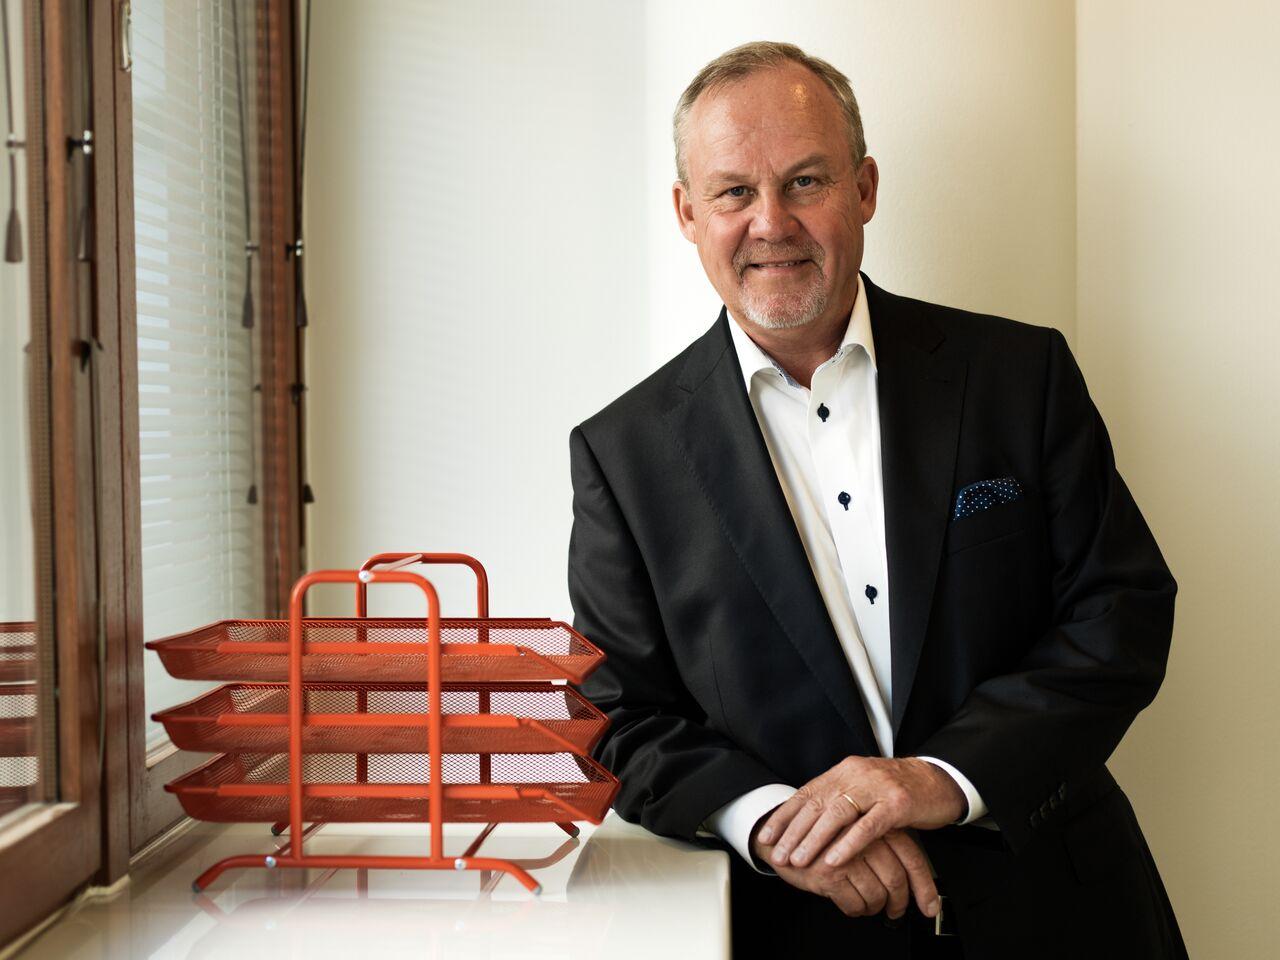 Denis Mattsson